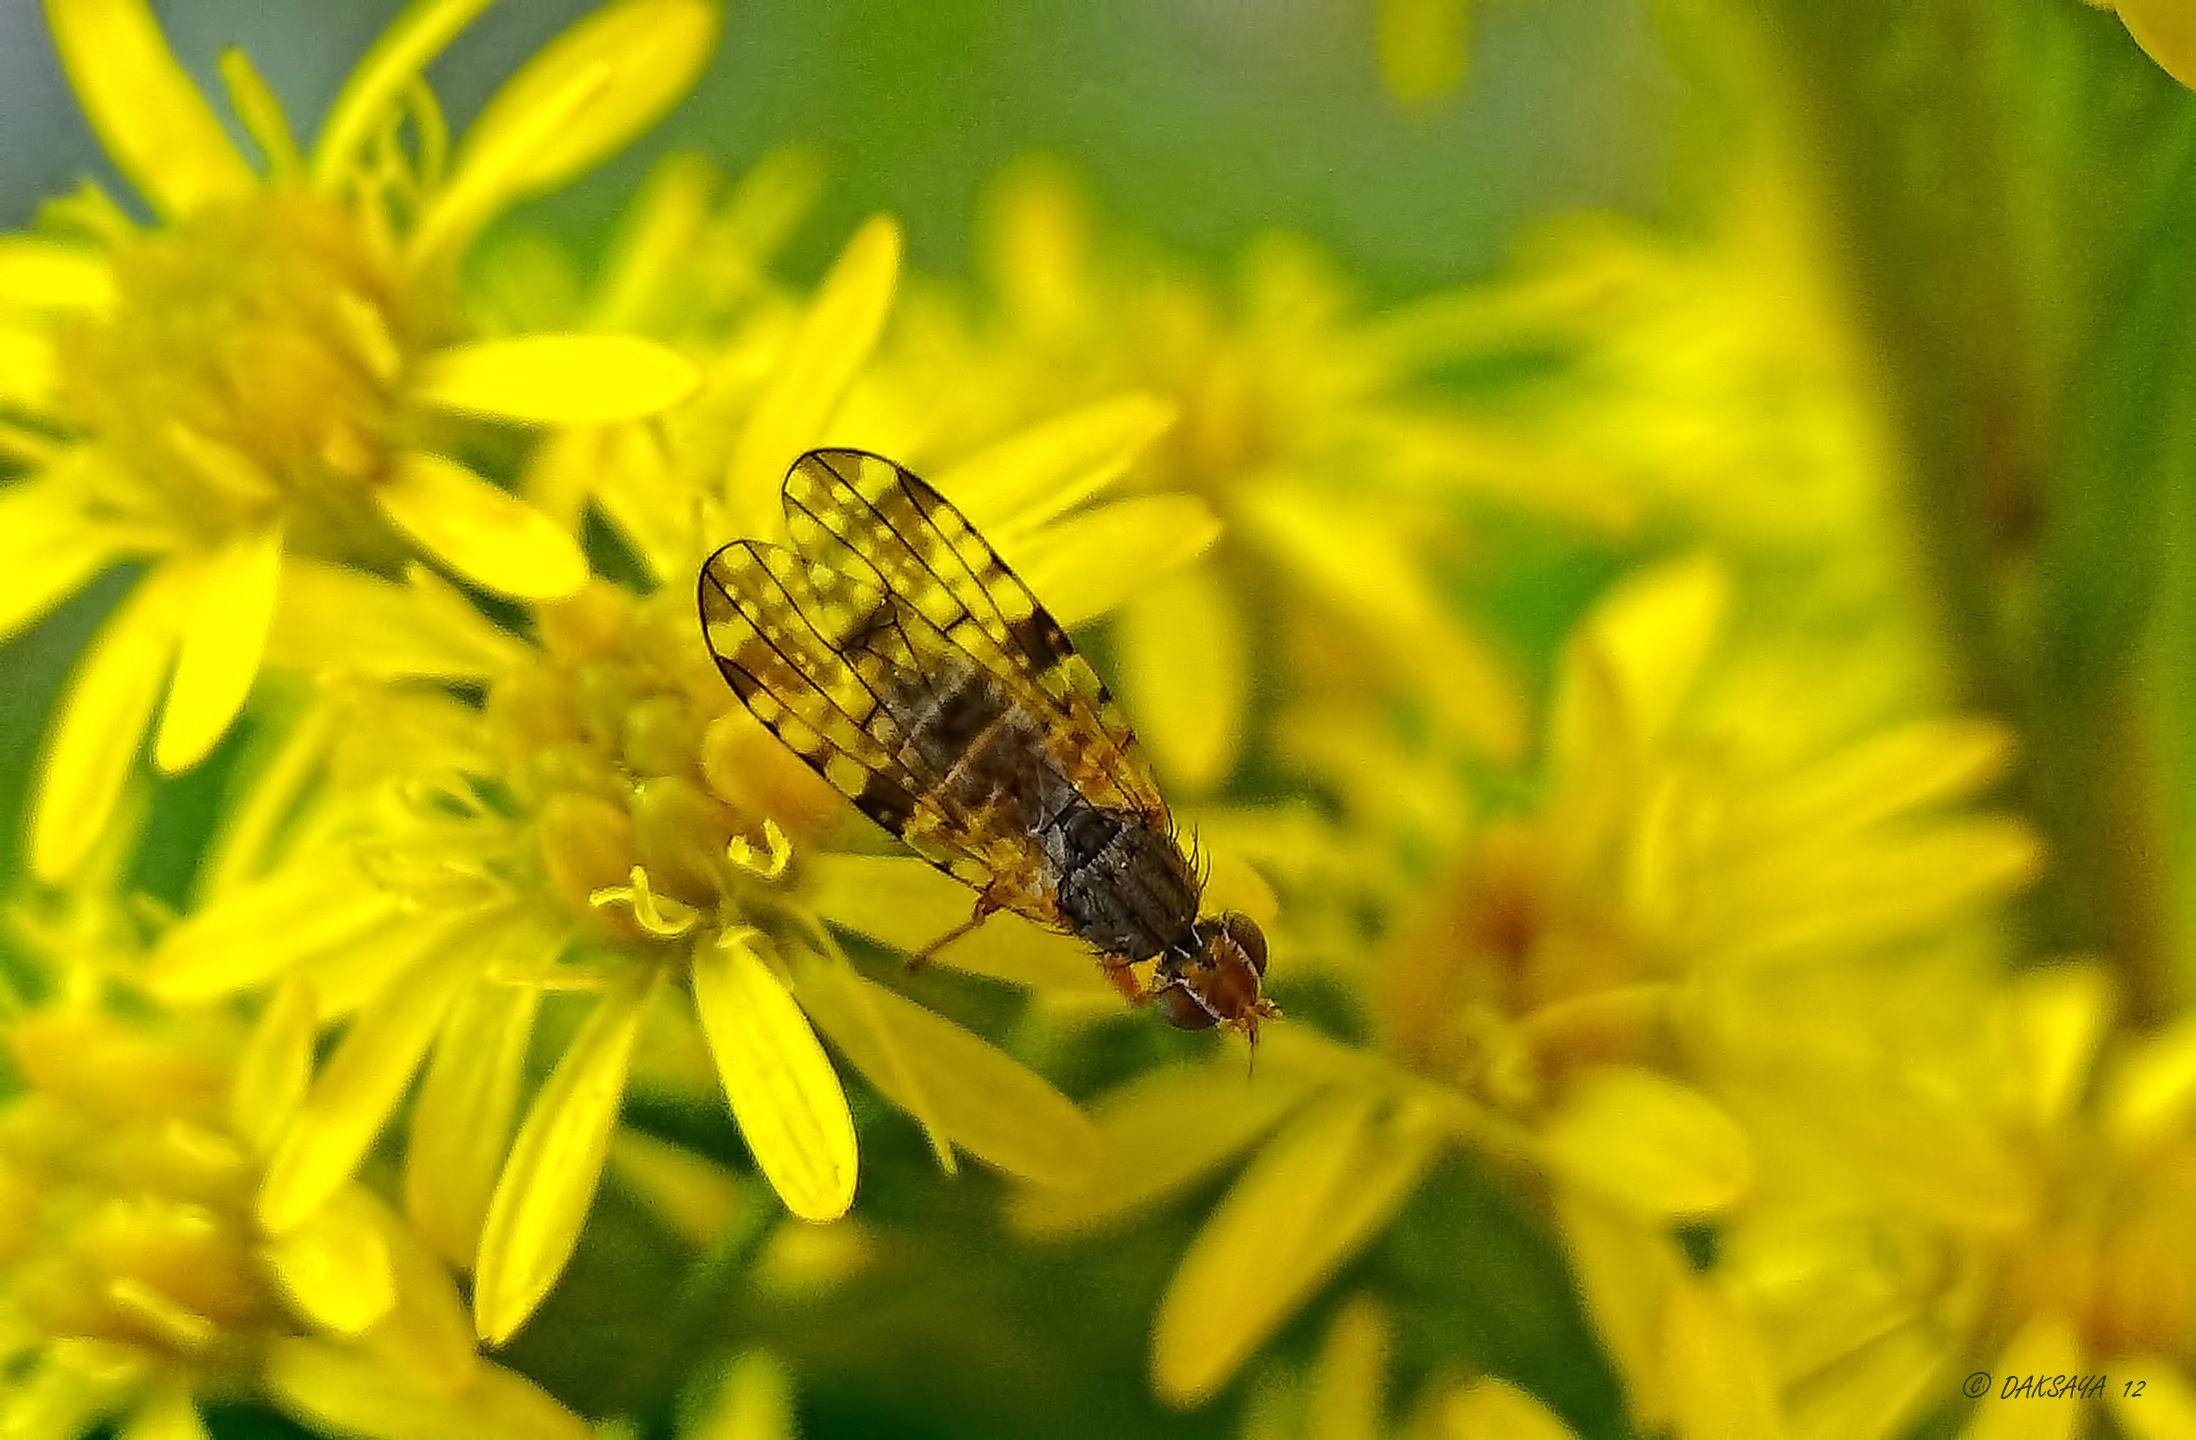 Mooie vleugels - Geleedpotigen (insect, spin, etc) - boorvlieg